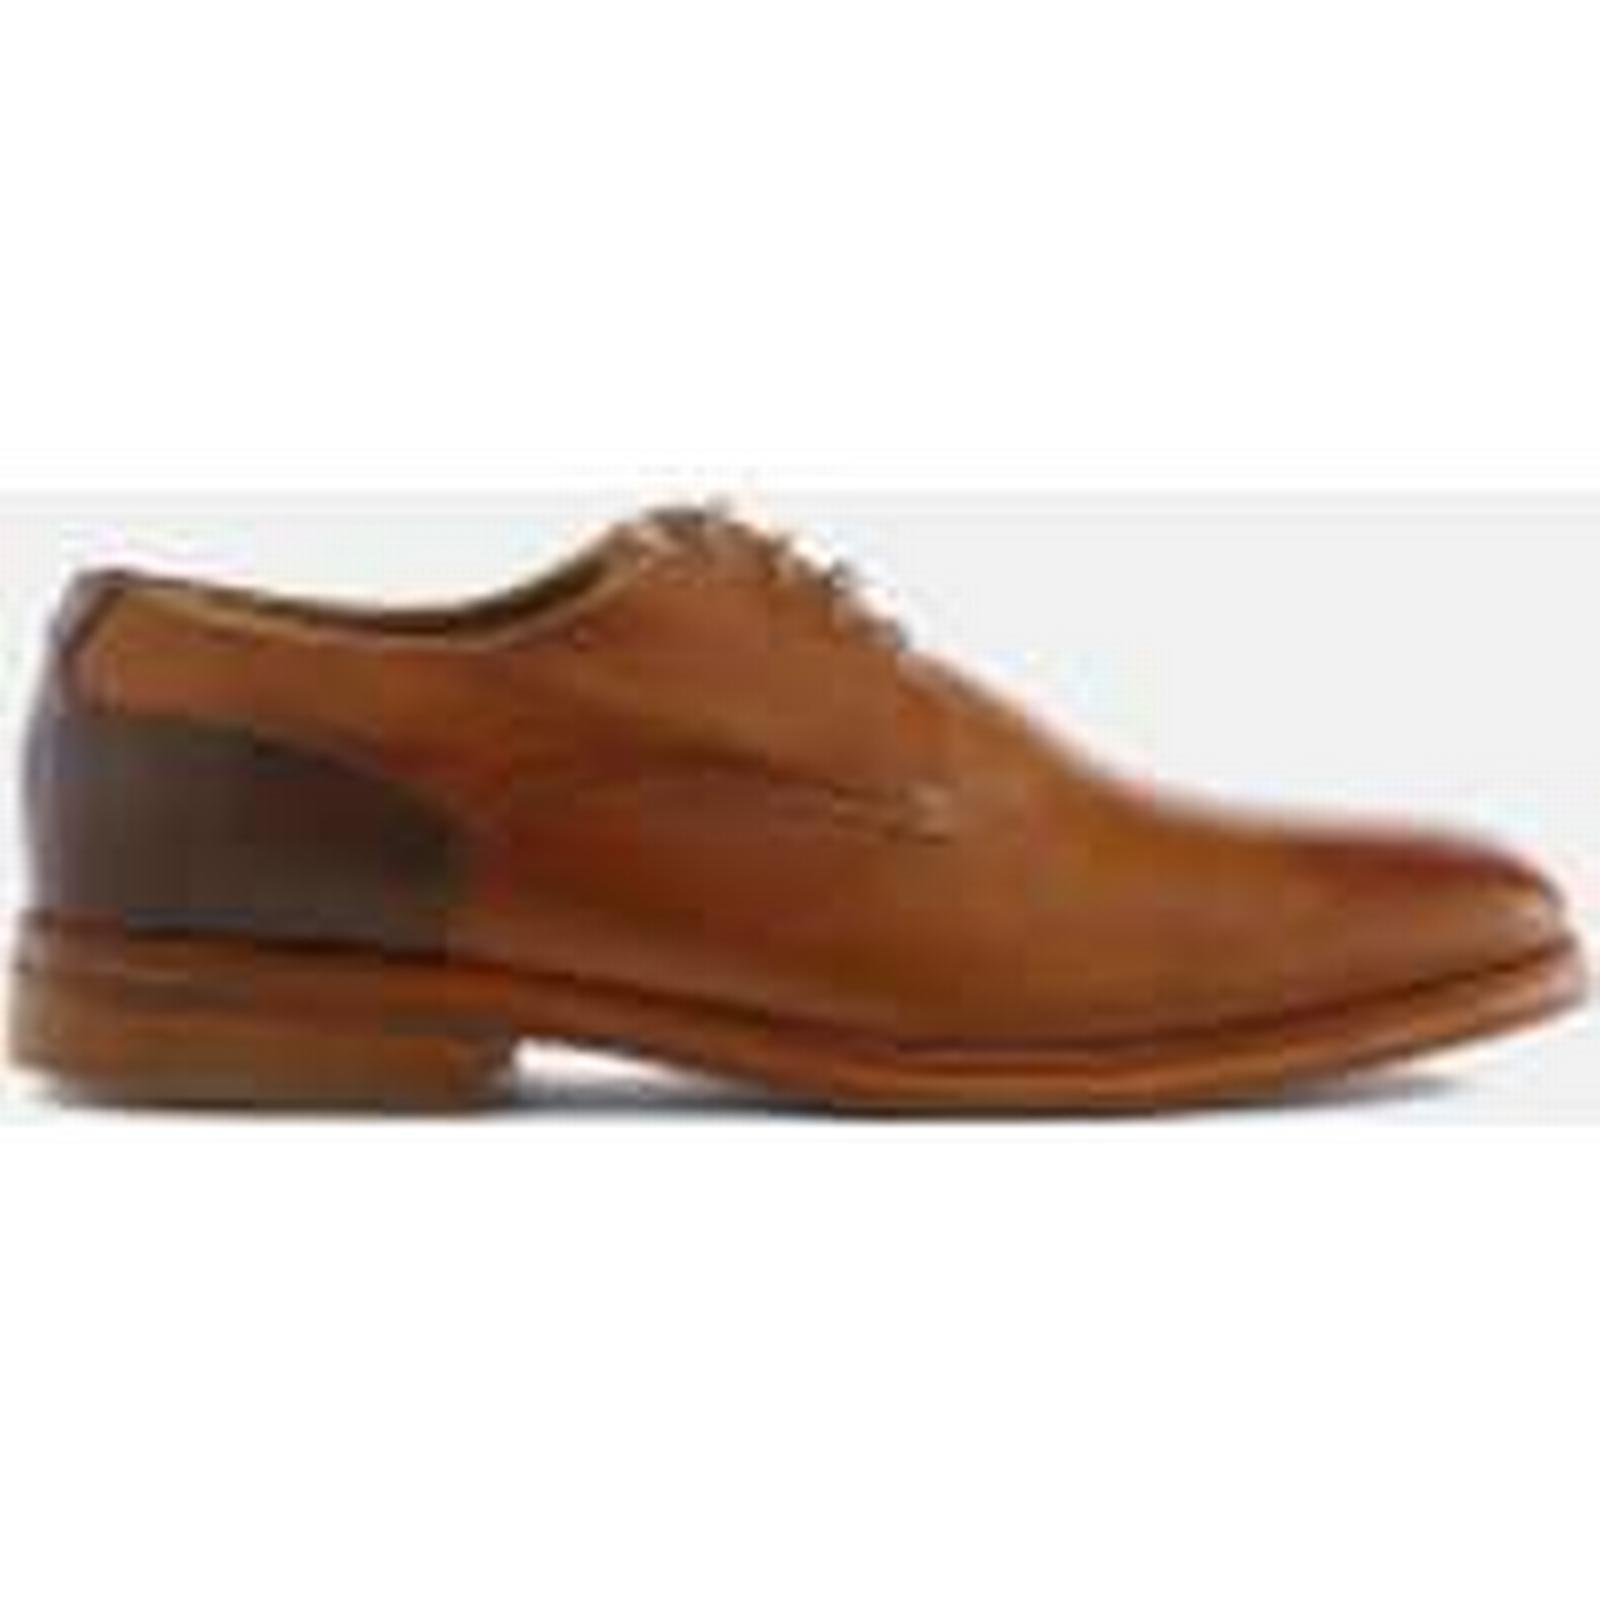 Hudson London Shoes Men's Enrico Leather Derby Shoes London - Tan - UK 8 - Tan c6a15b